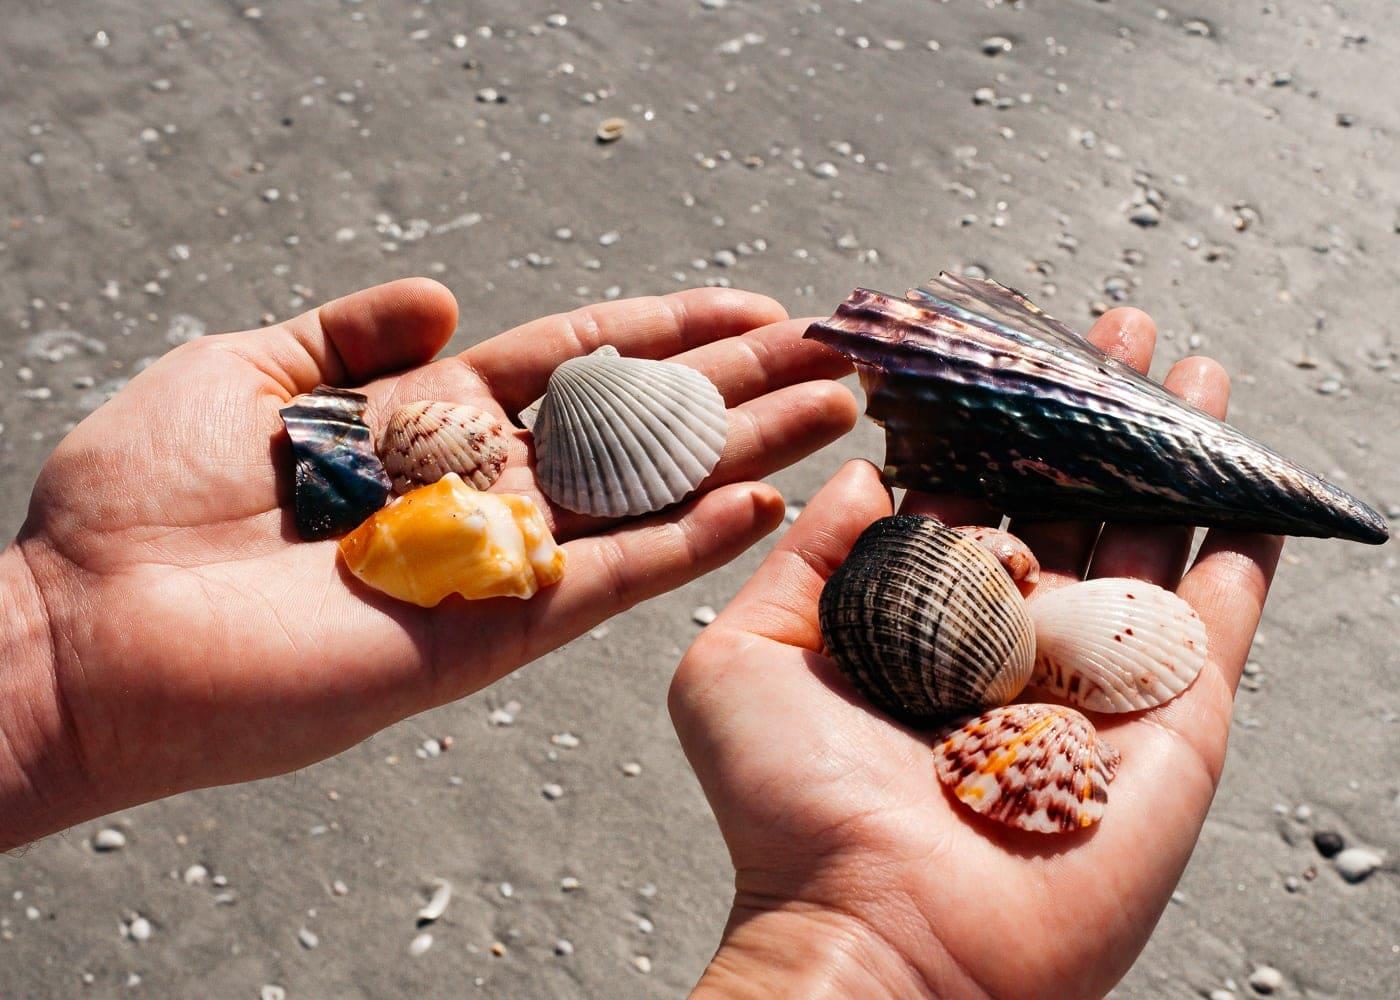 Collecting shells at Sanibel Island